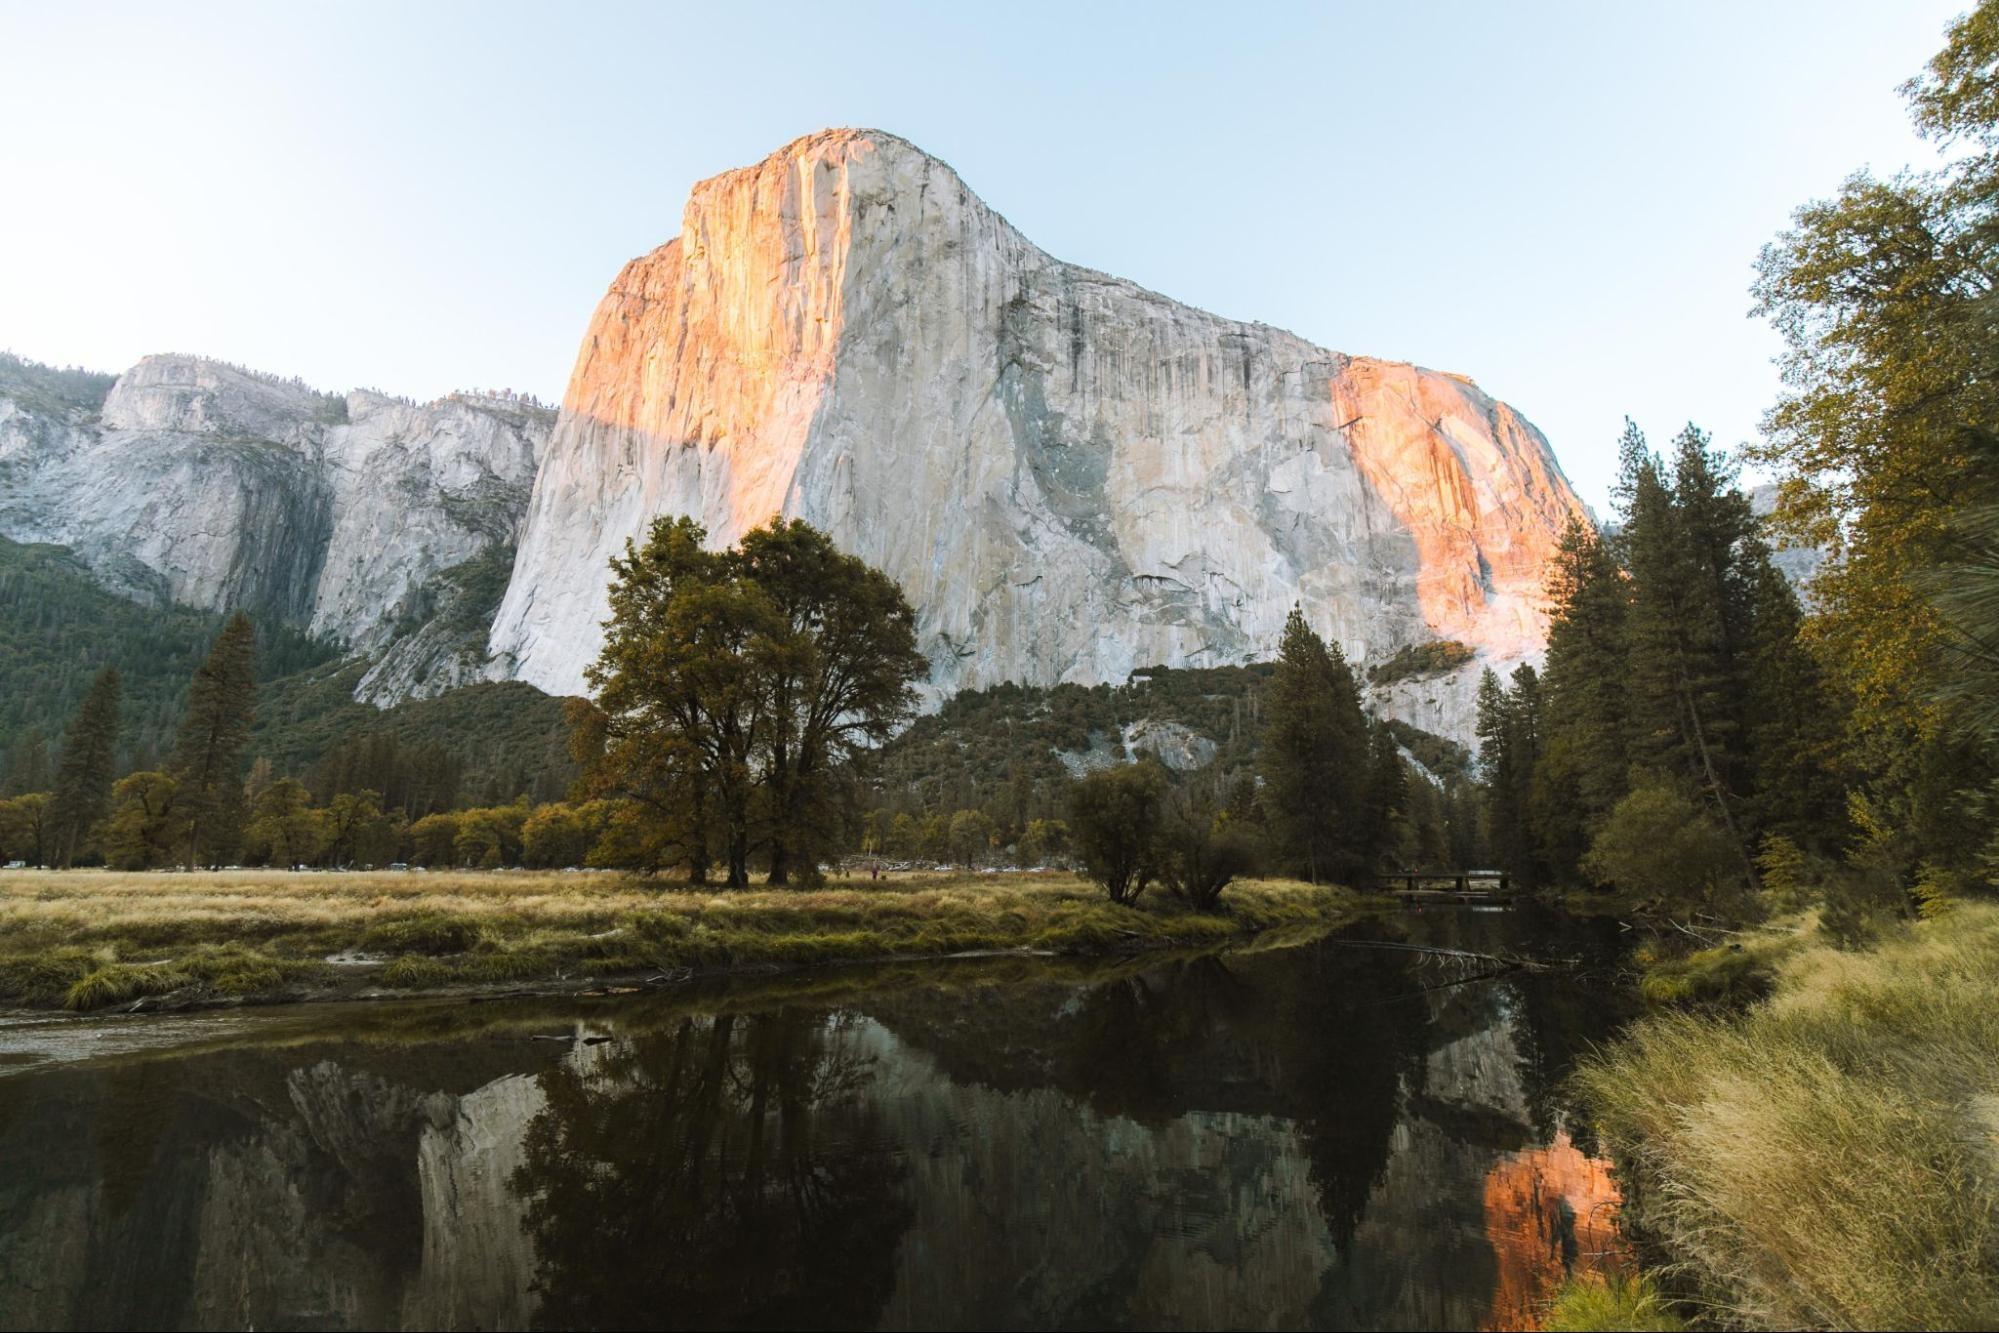 Take a virtual field trip to Yosemite National Park.